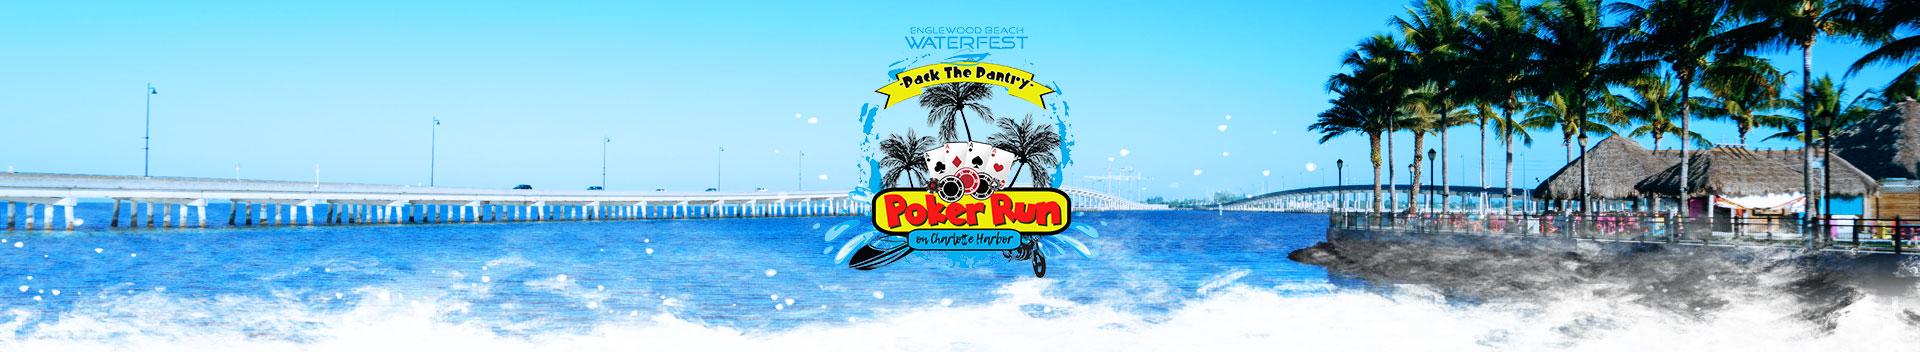 Pack the Pantry Poker Run on Charlotte Harbor Logo